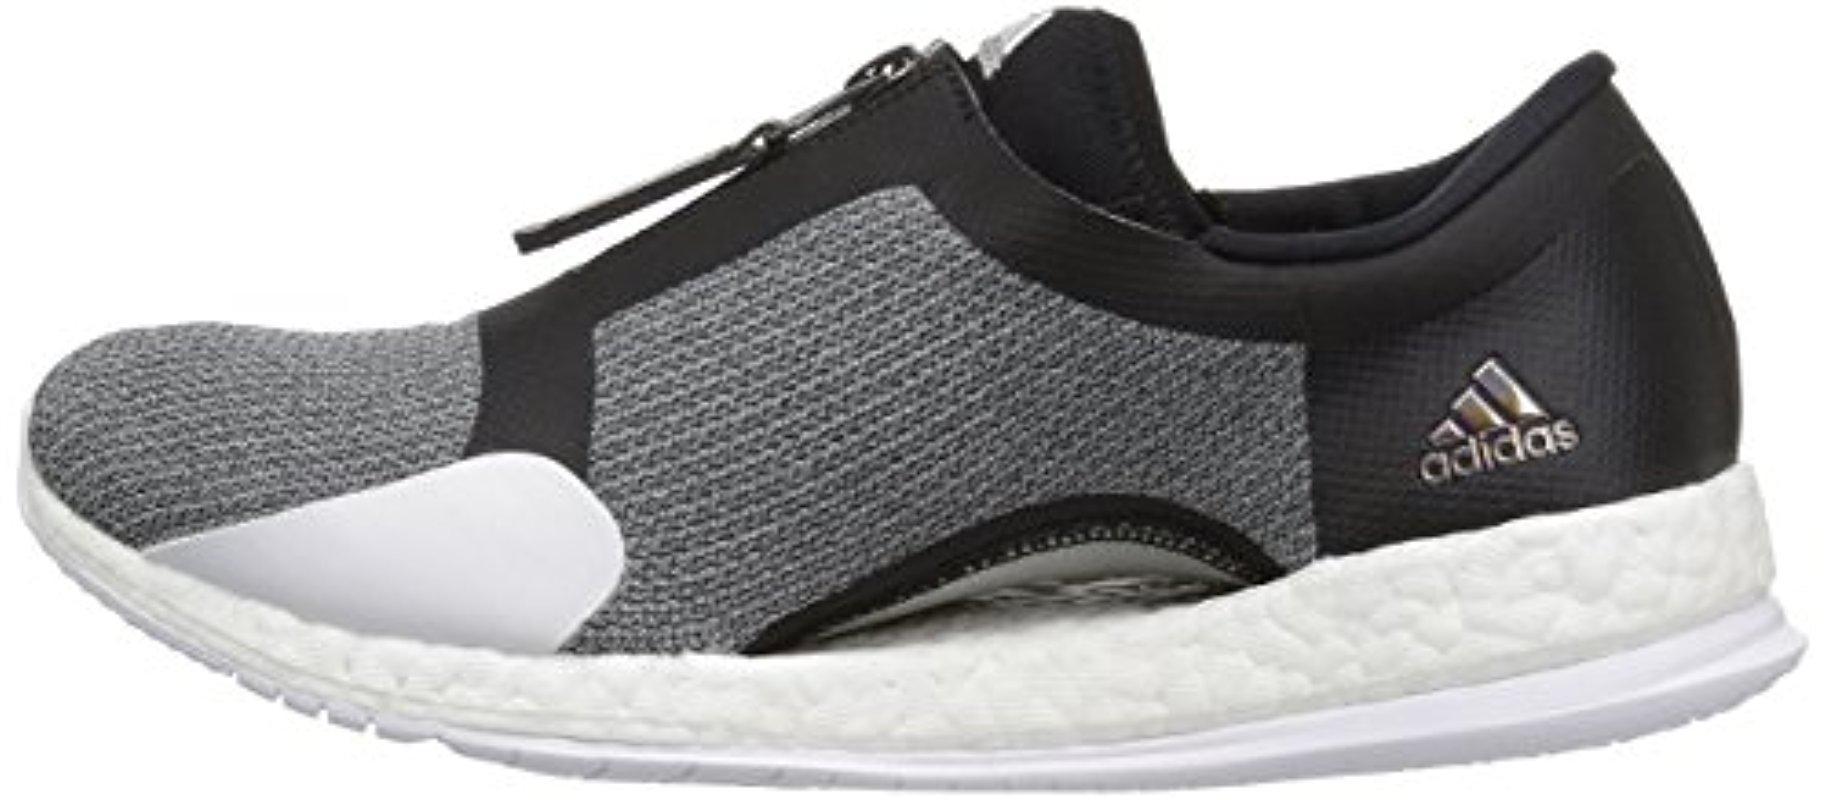 Pureboost X Tr Zip Running Shoe